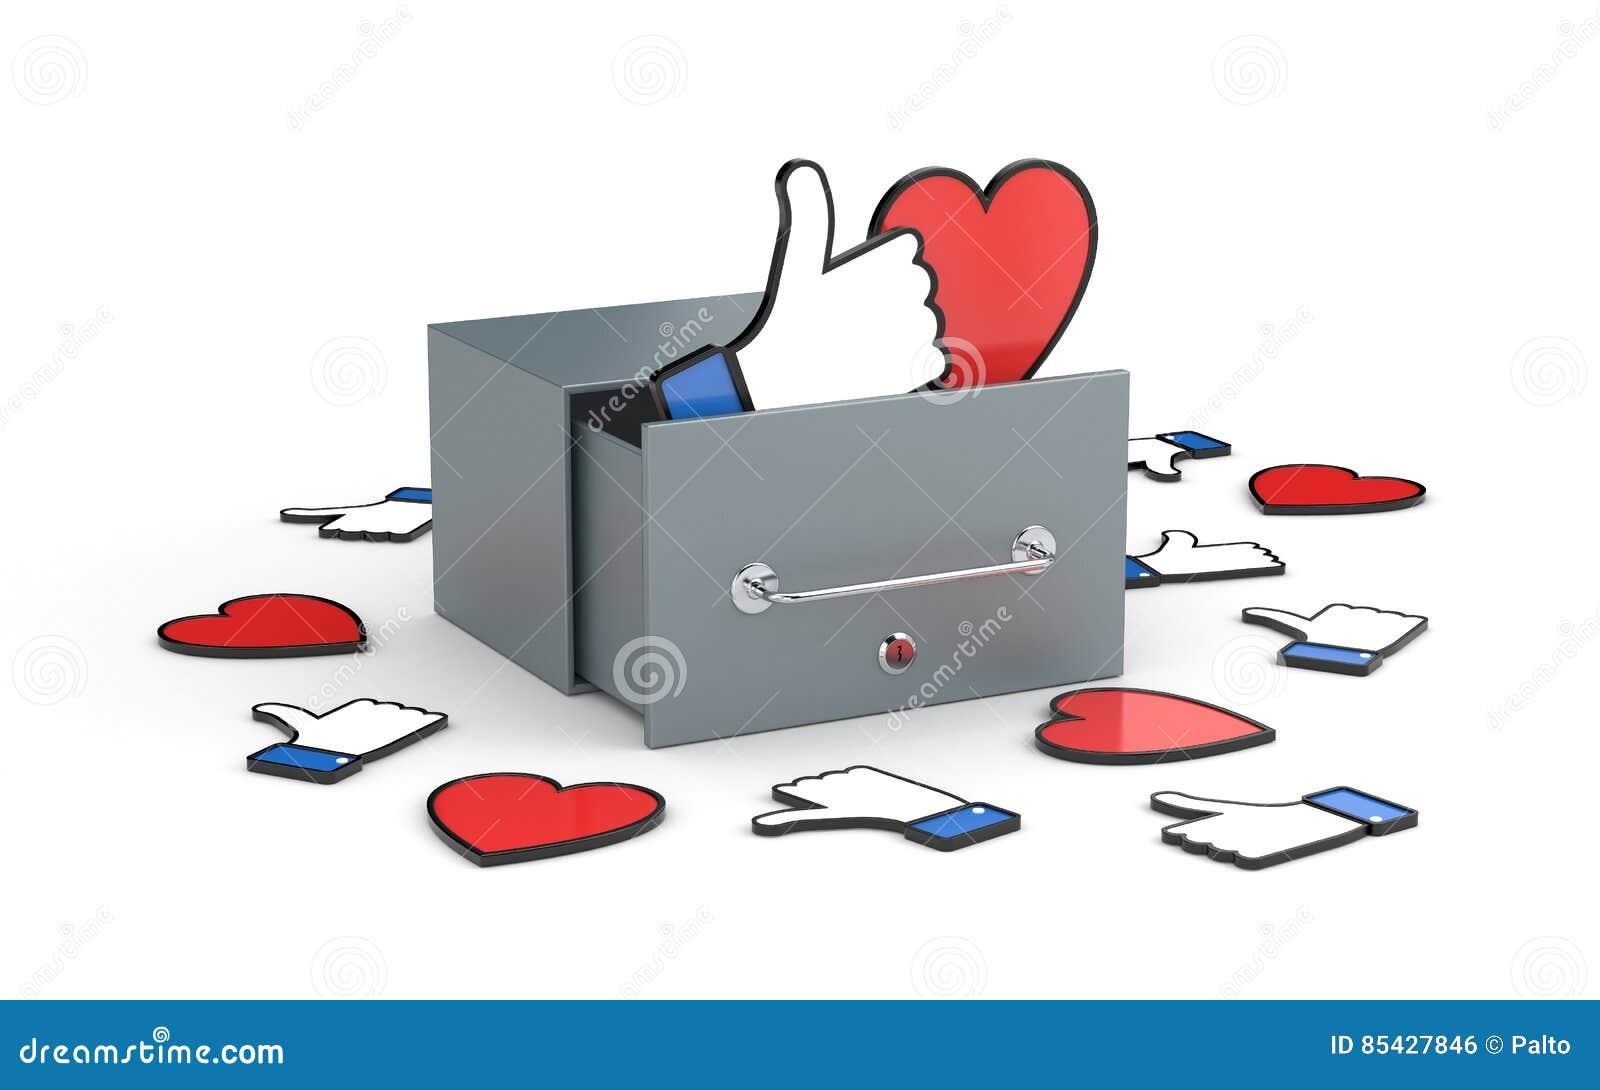 Skrzynka pocztowa z sercem i kciukiem w górę symboli/lów - ogólnospołeczni sieci pojęcia Ogólnospołeczna sieci metafora